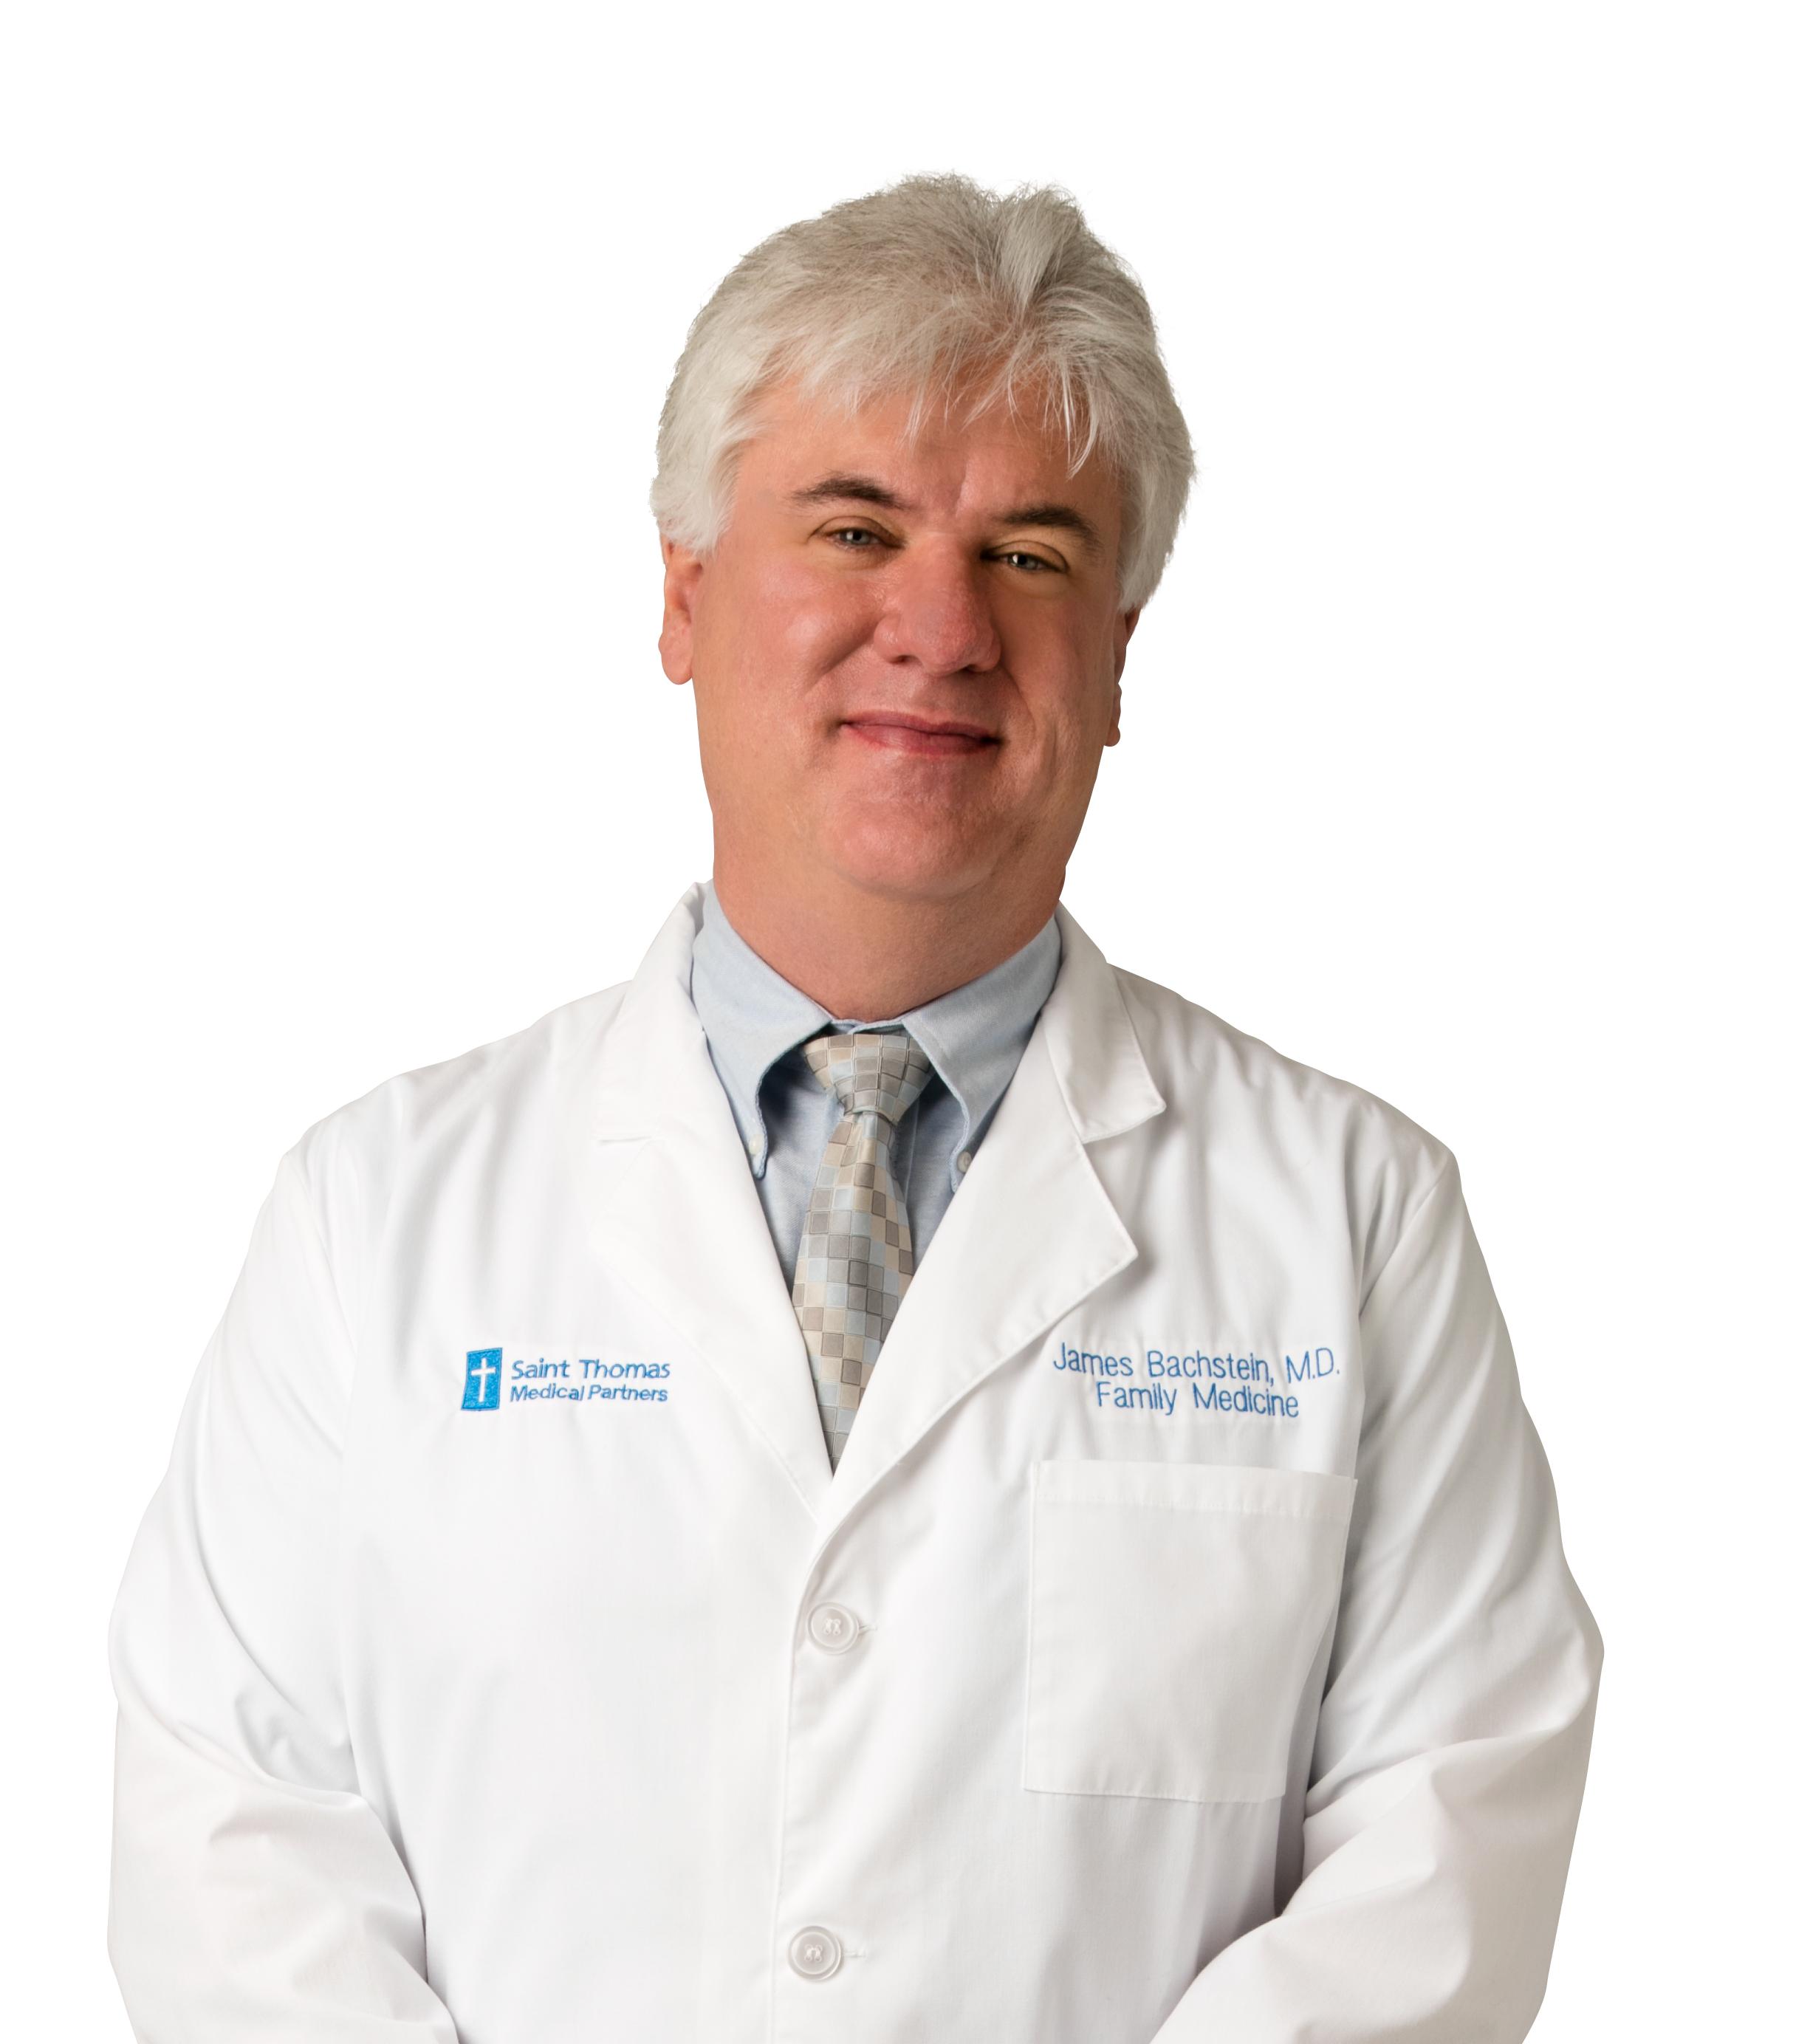 James Bachstein, MD